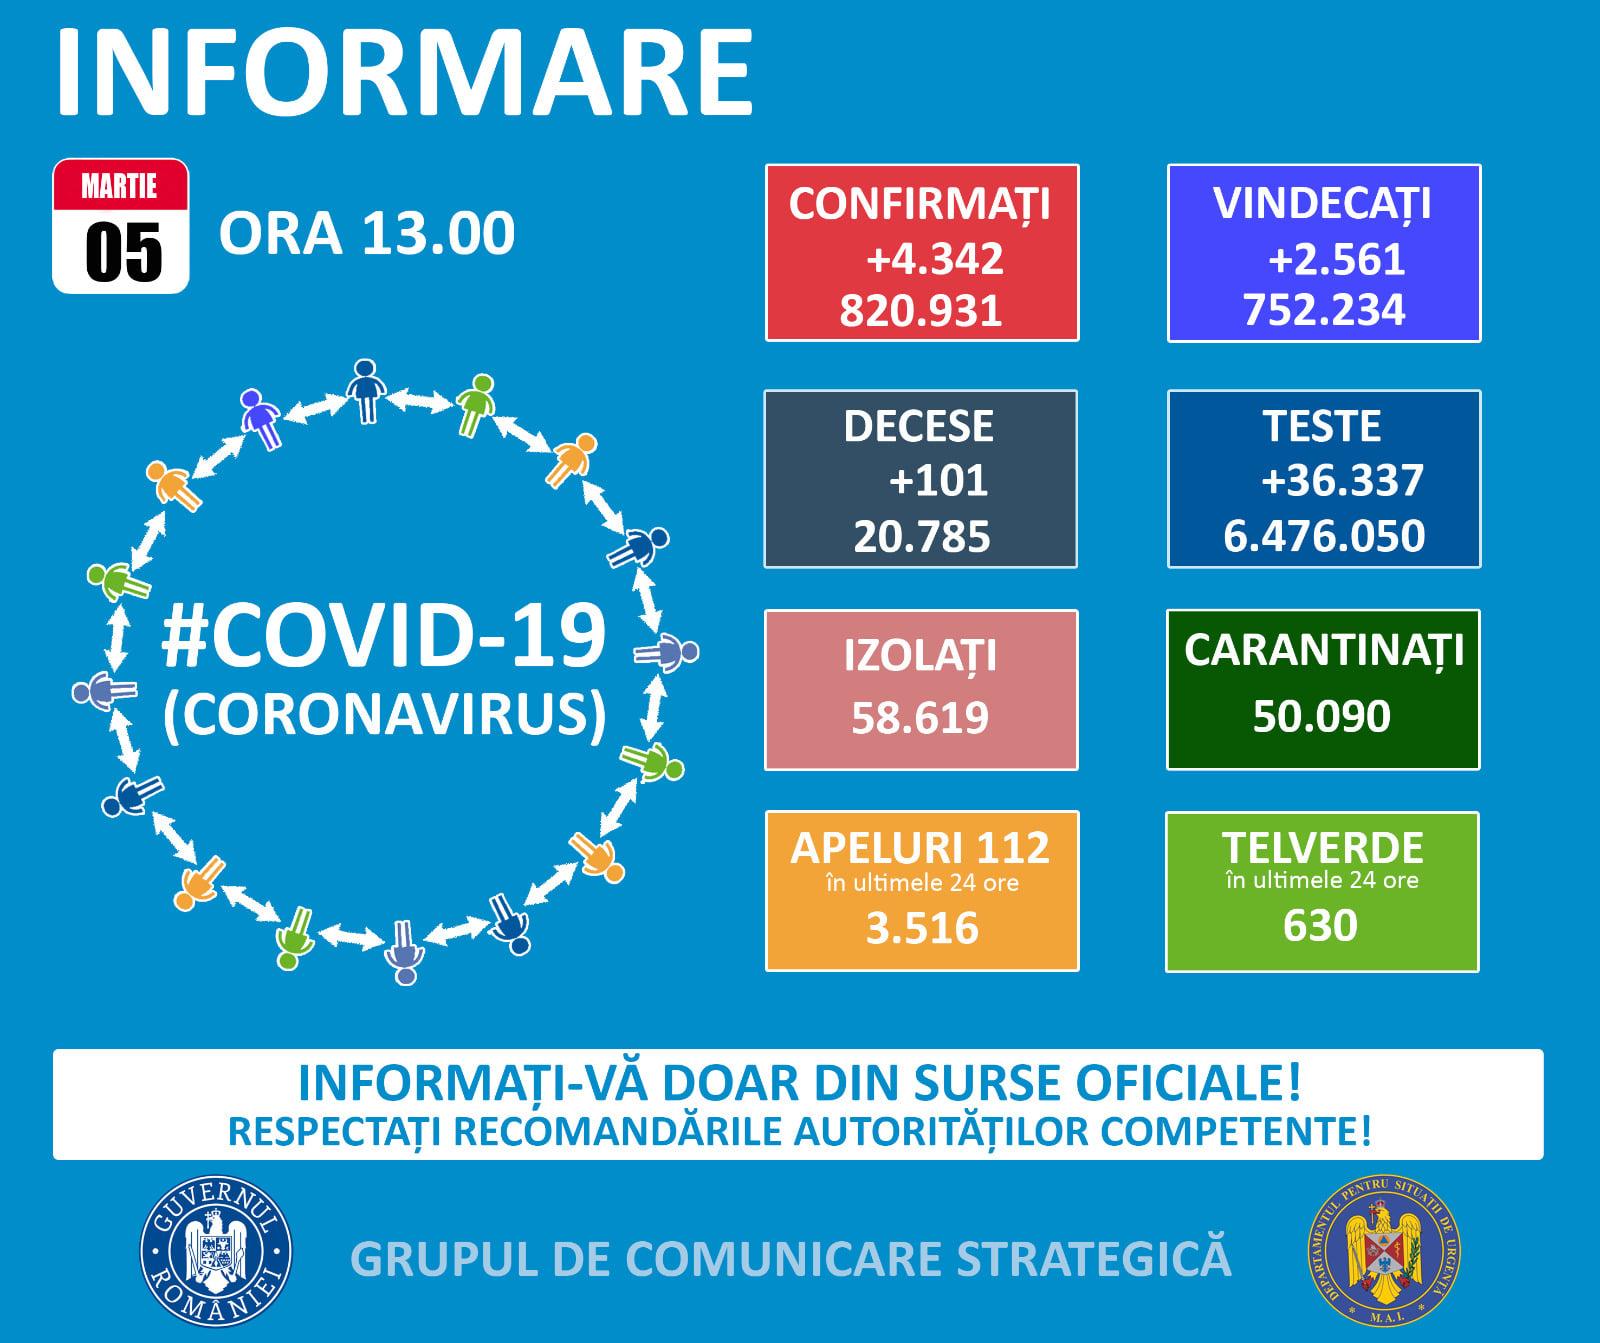 Informare COVID-19 05.03.2021